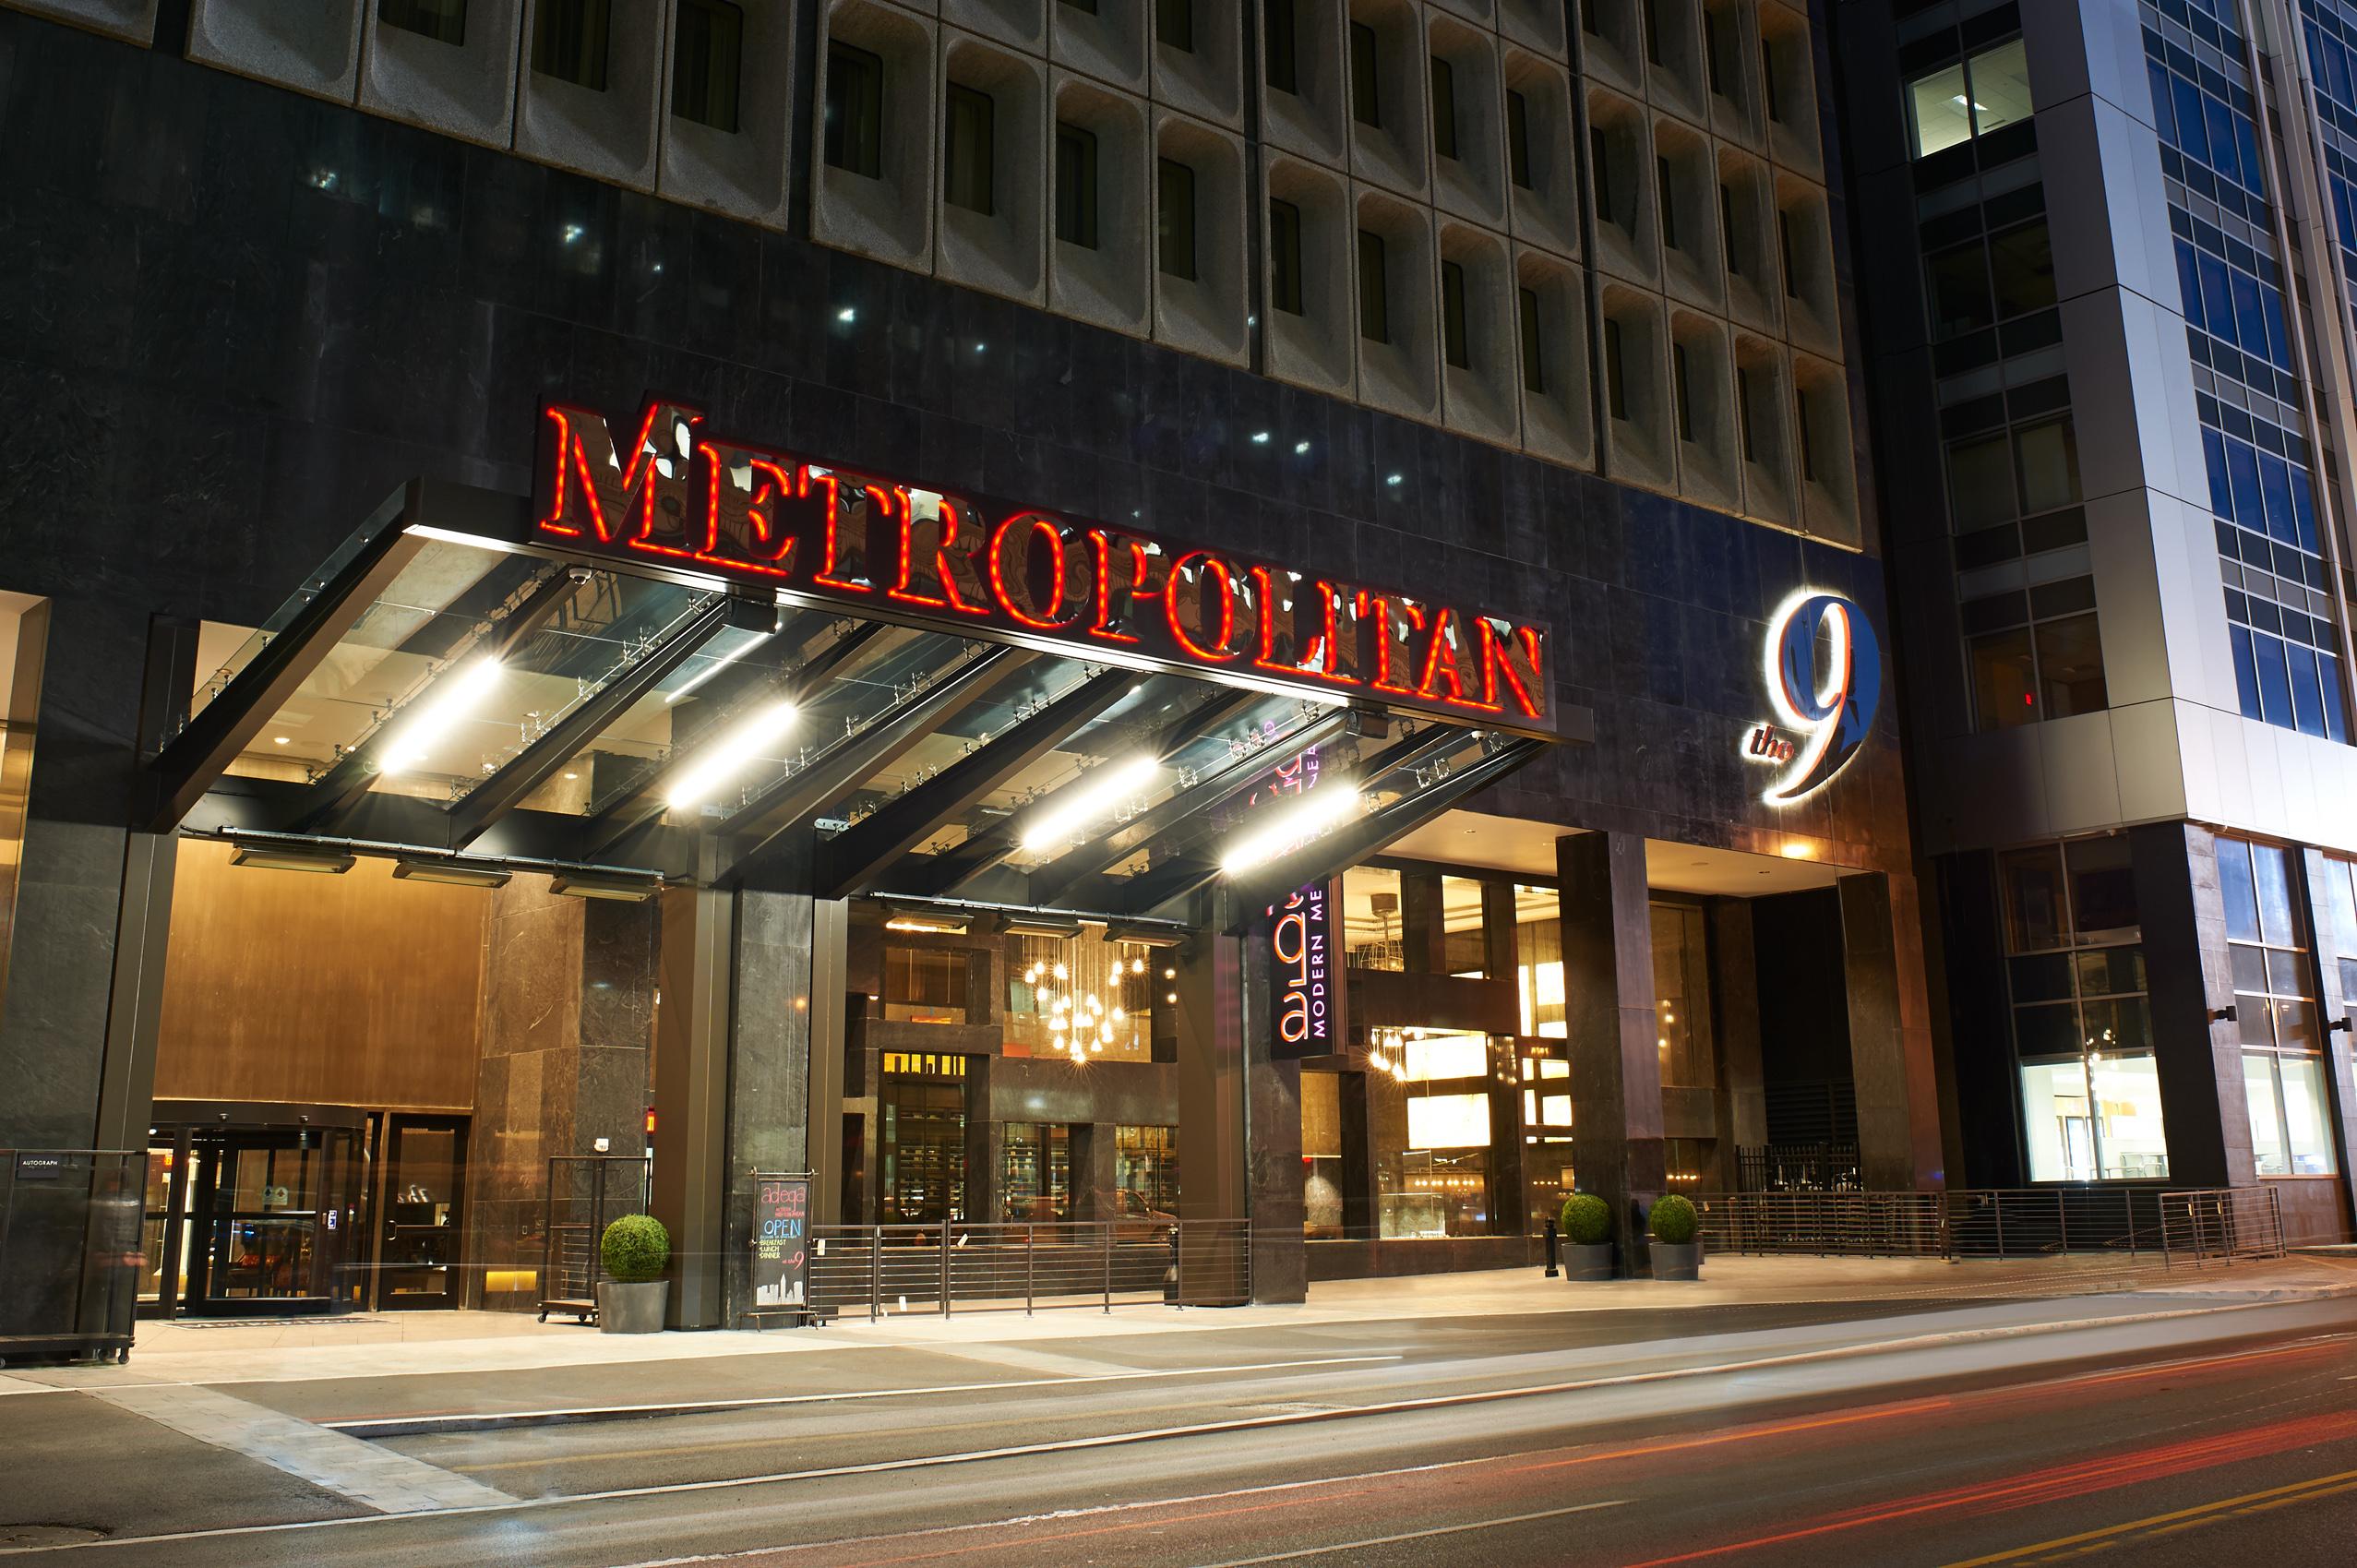 Metropolitan at The 9